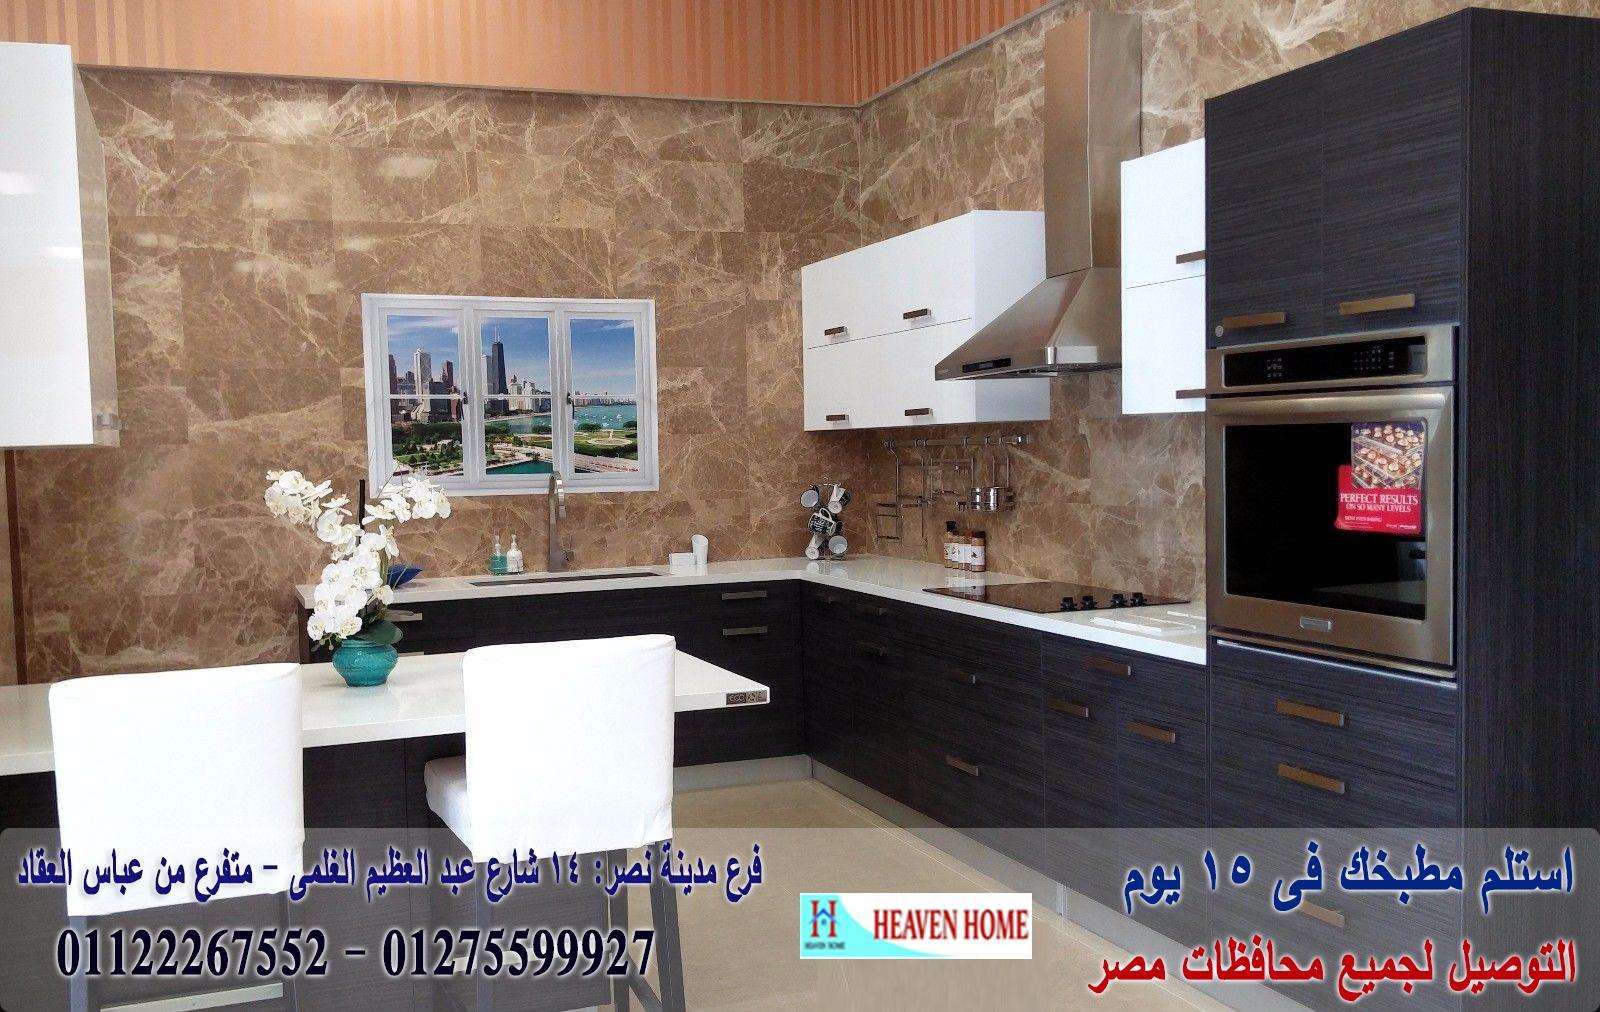 مطابخ خشب مودرن * استلم مطبخك فى 15 يوم     01275599927 243581180